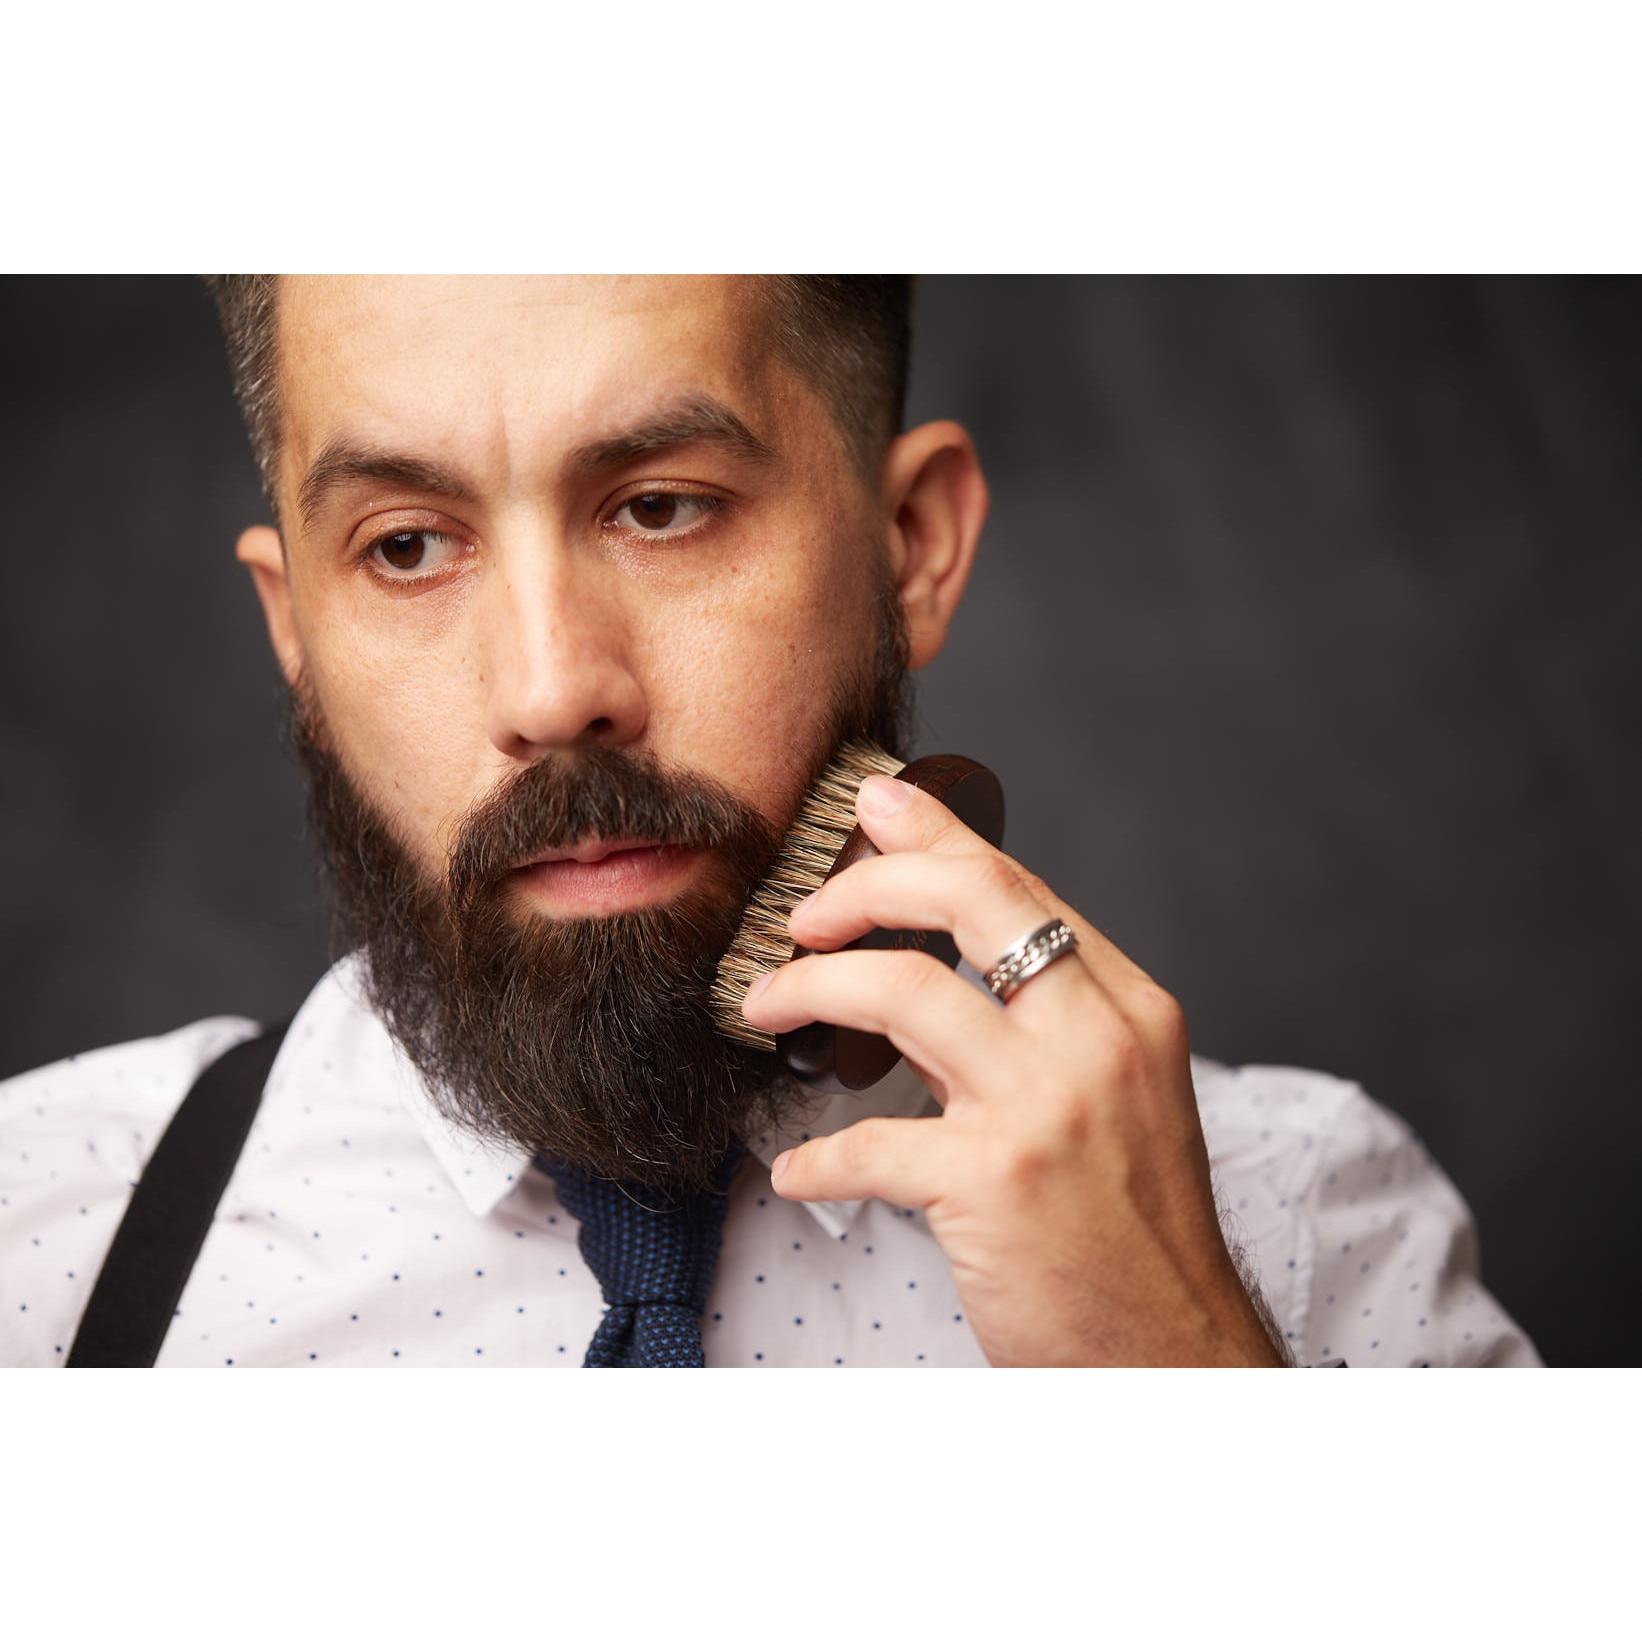 Intalniri pentru barba? i 37